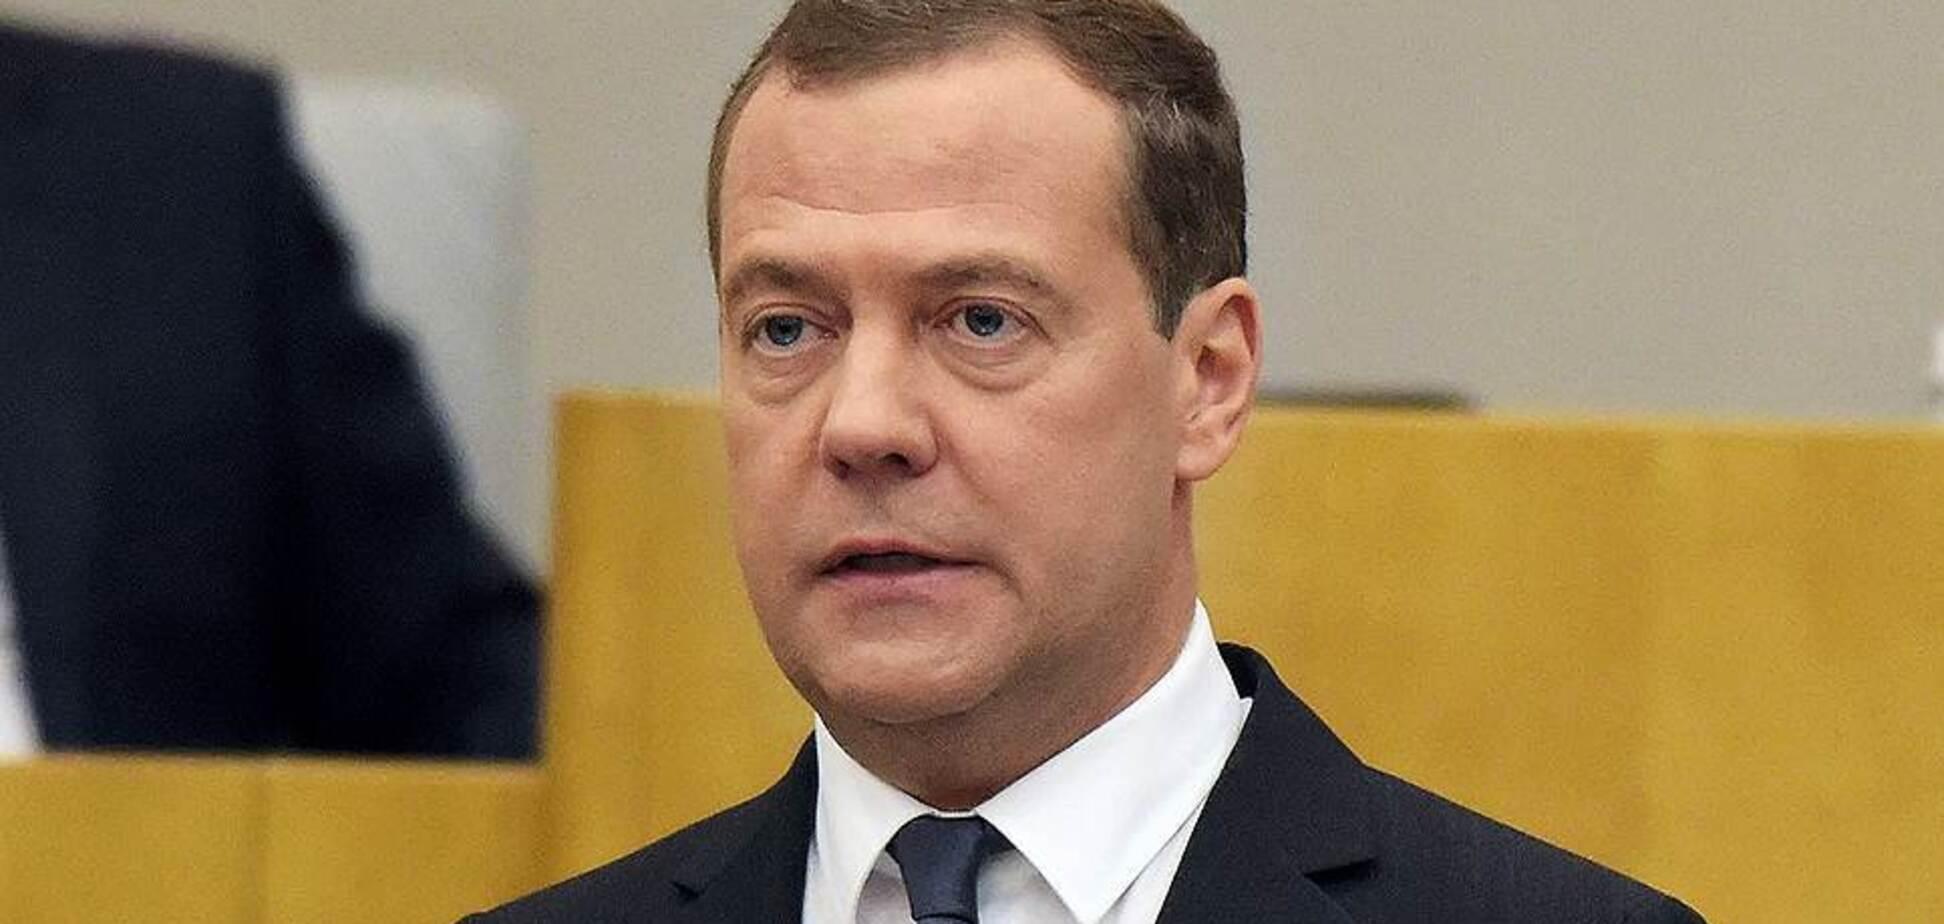 Беларусь согласилась на союз с Россией? Медведев подал тревожный сигнал